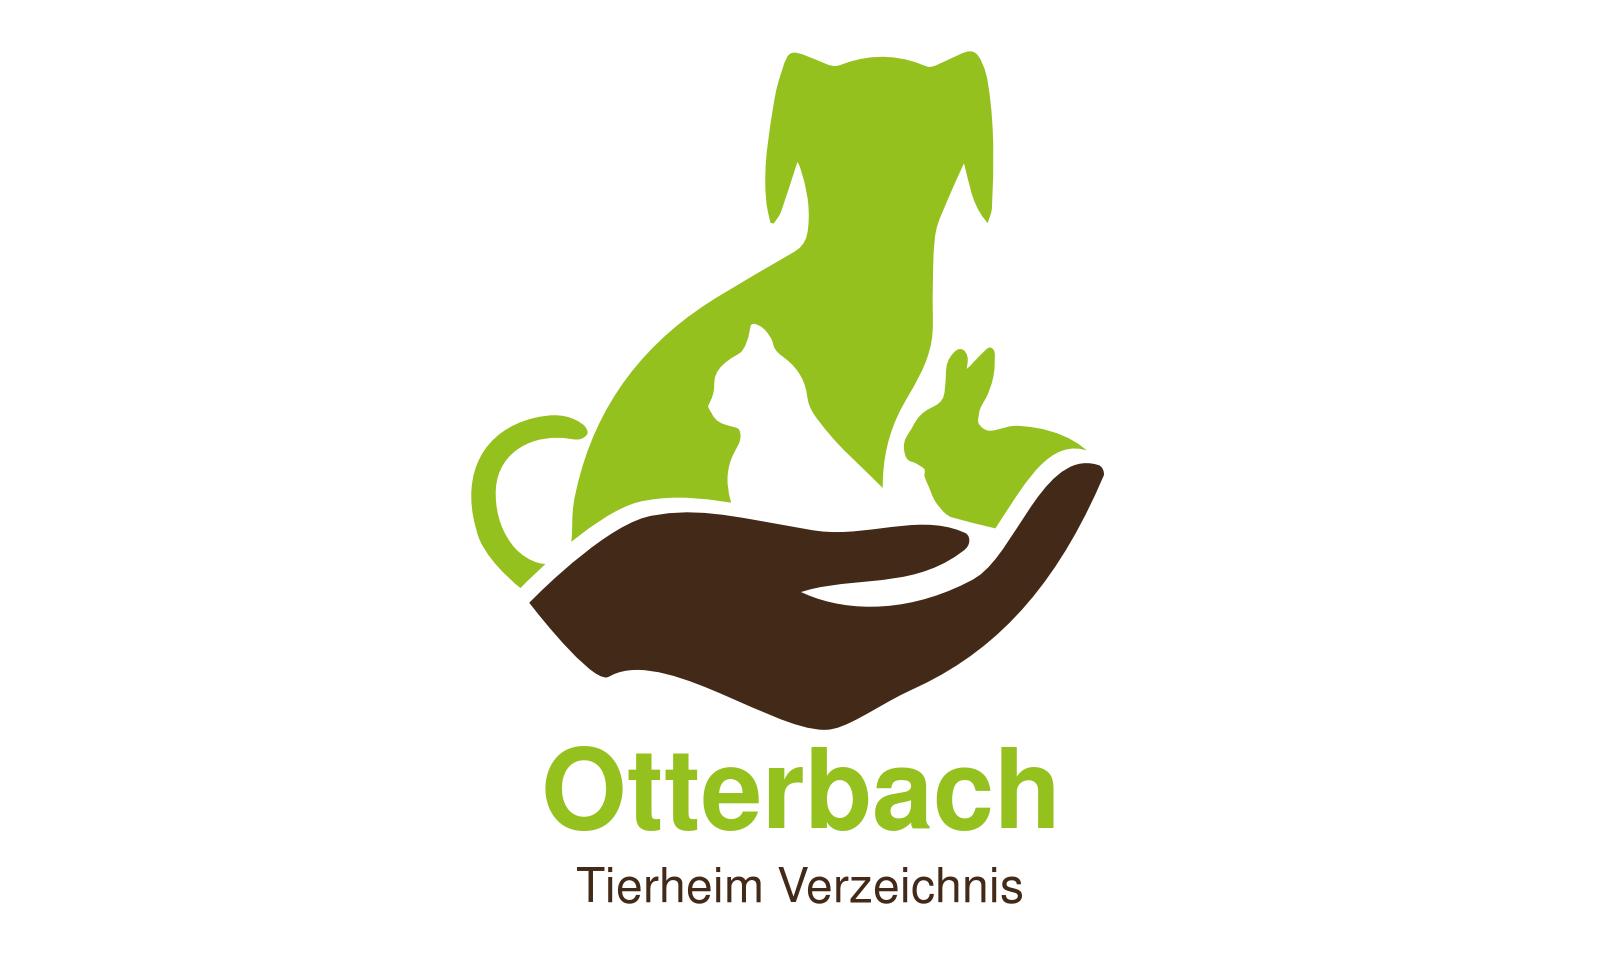 Tierheim Otterbach